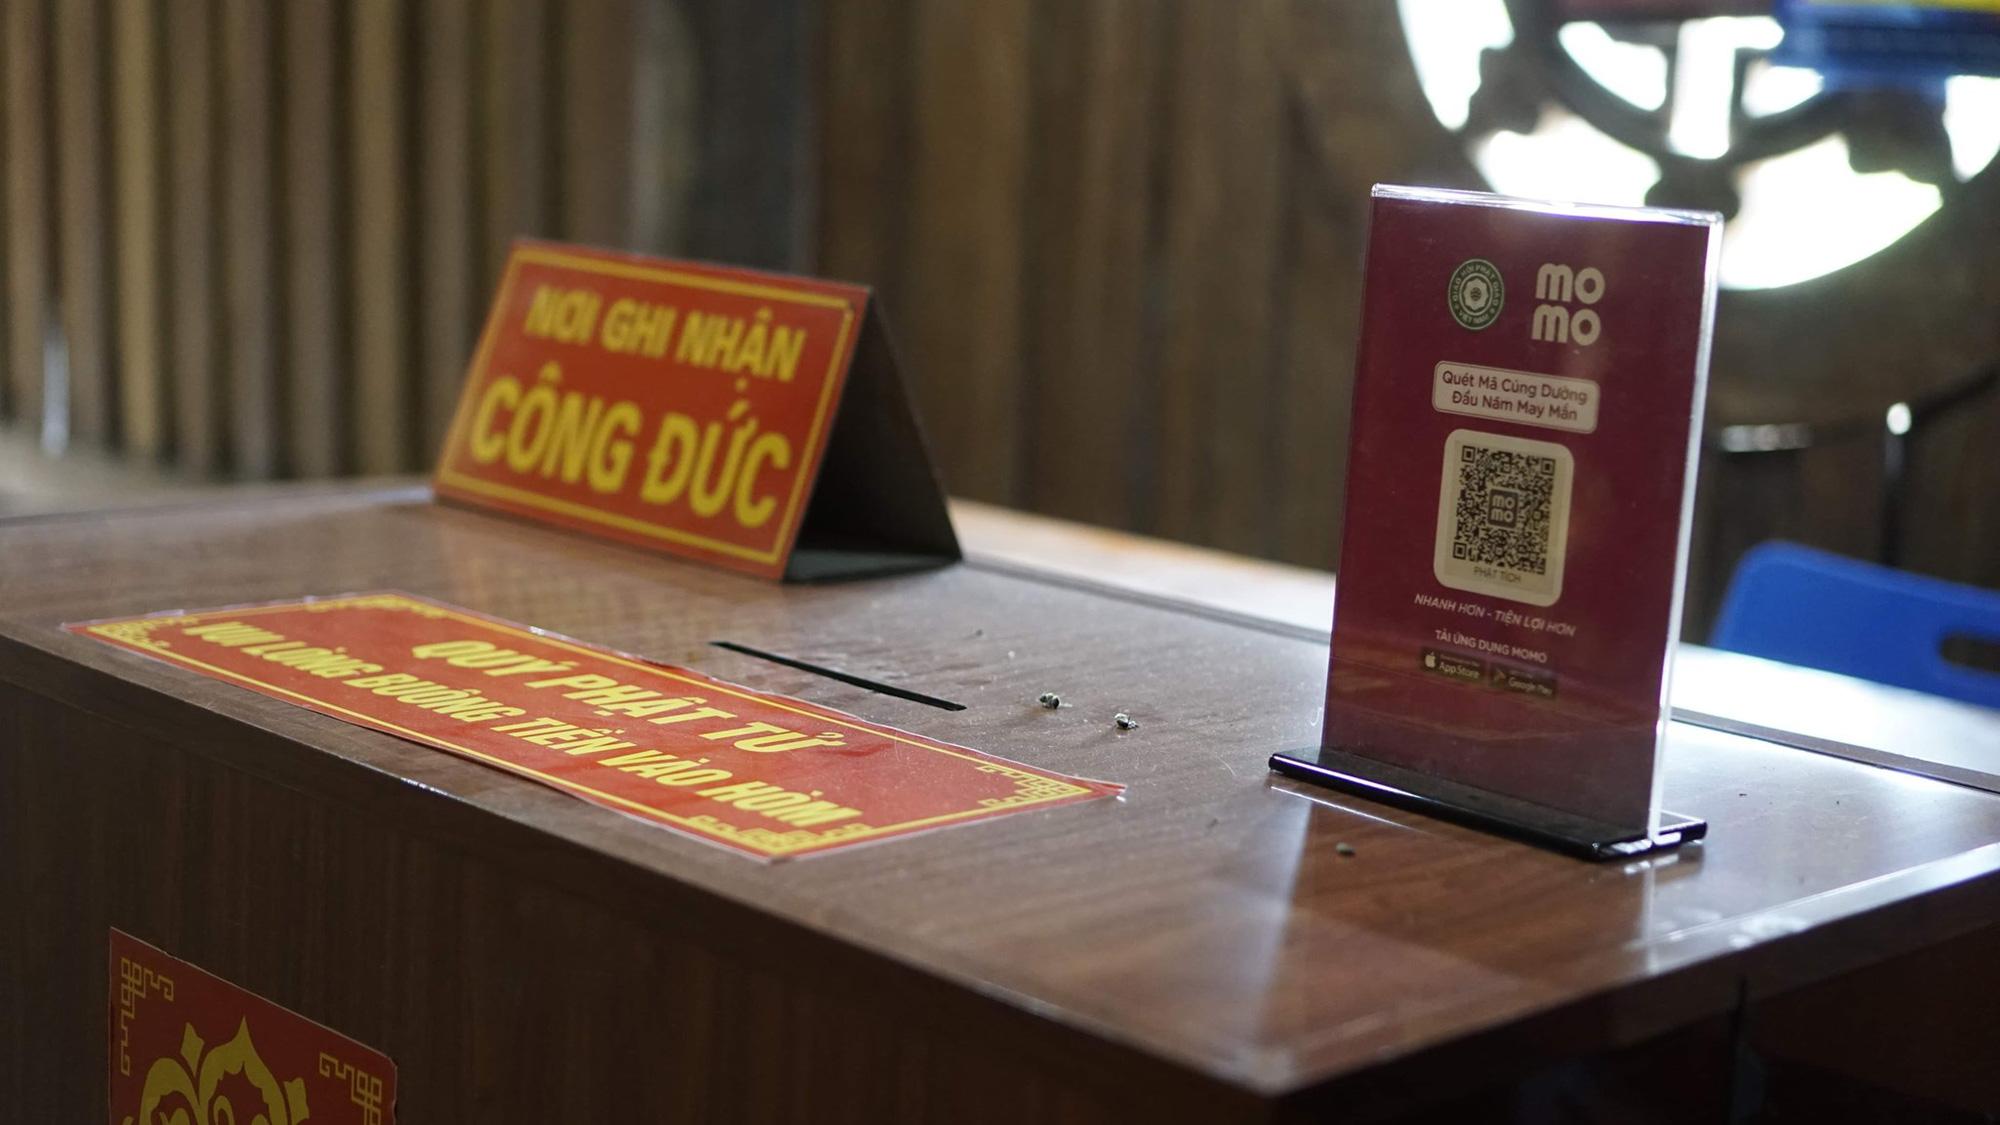 Giáo hội Phật giáo Việt Nam nói gì về cúng dường qua ví điện tử gây tranh cãi? - Ảnh 2.